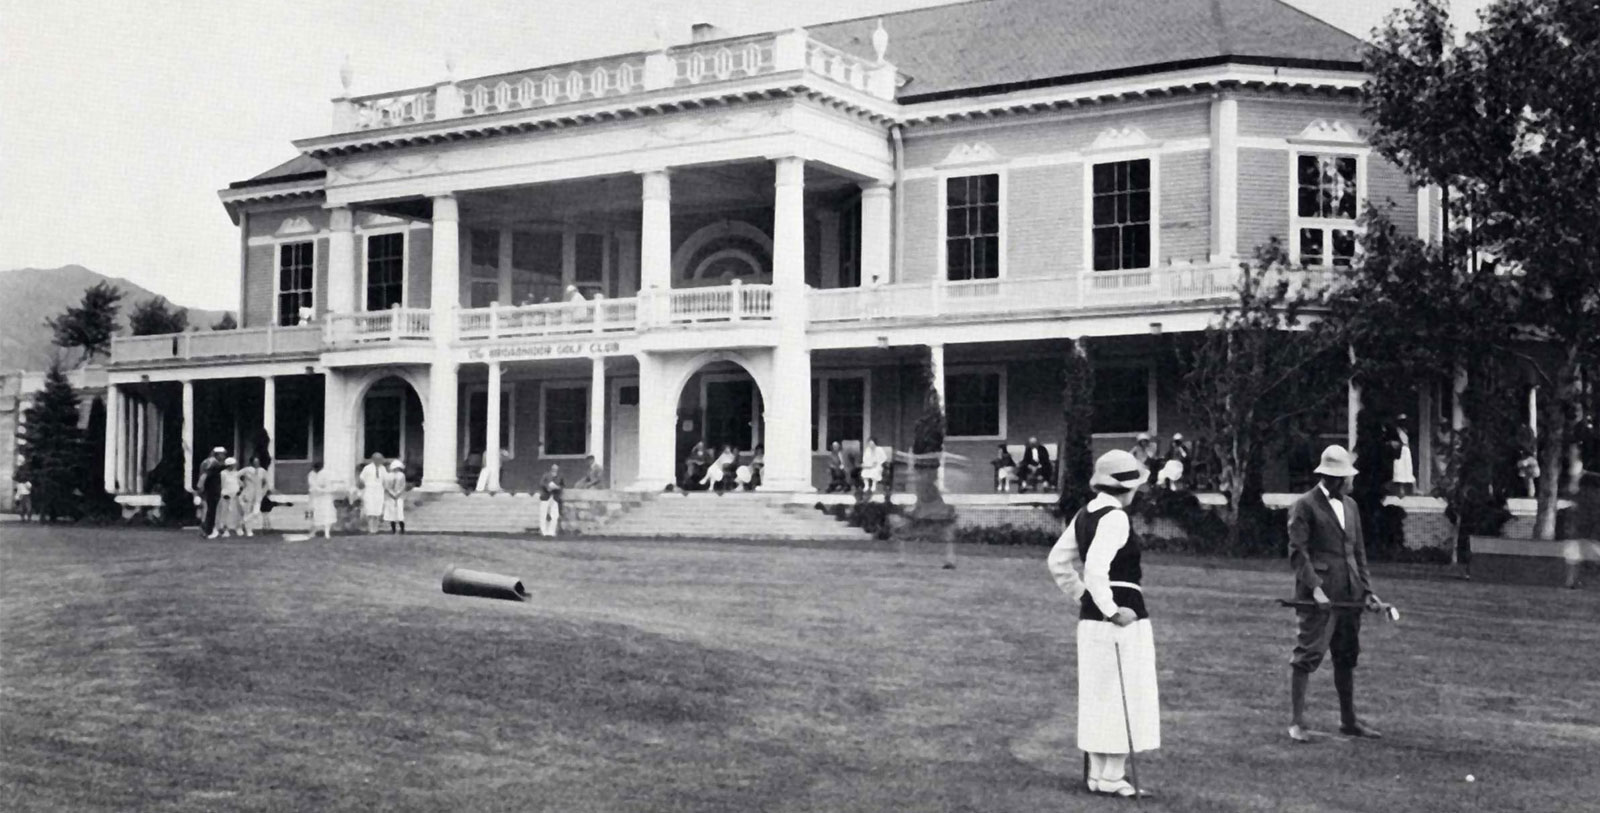 Image of Broadmoor Golf Club circa 1921, The Broadmoor, 1918, Member of Historic Hotels of America, Colorado Springs, Colorado, Golf